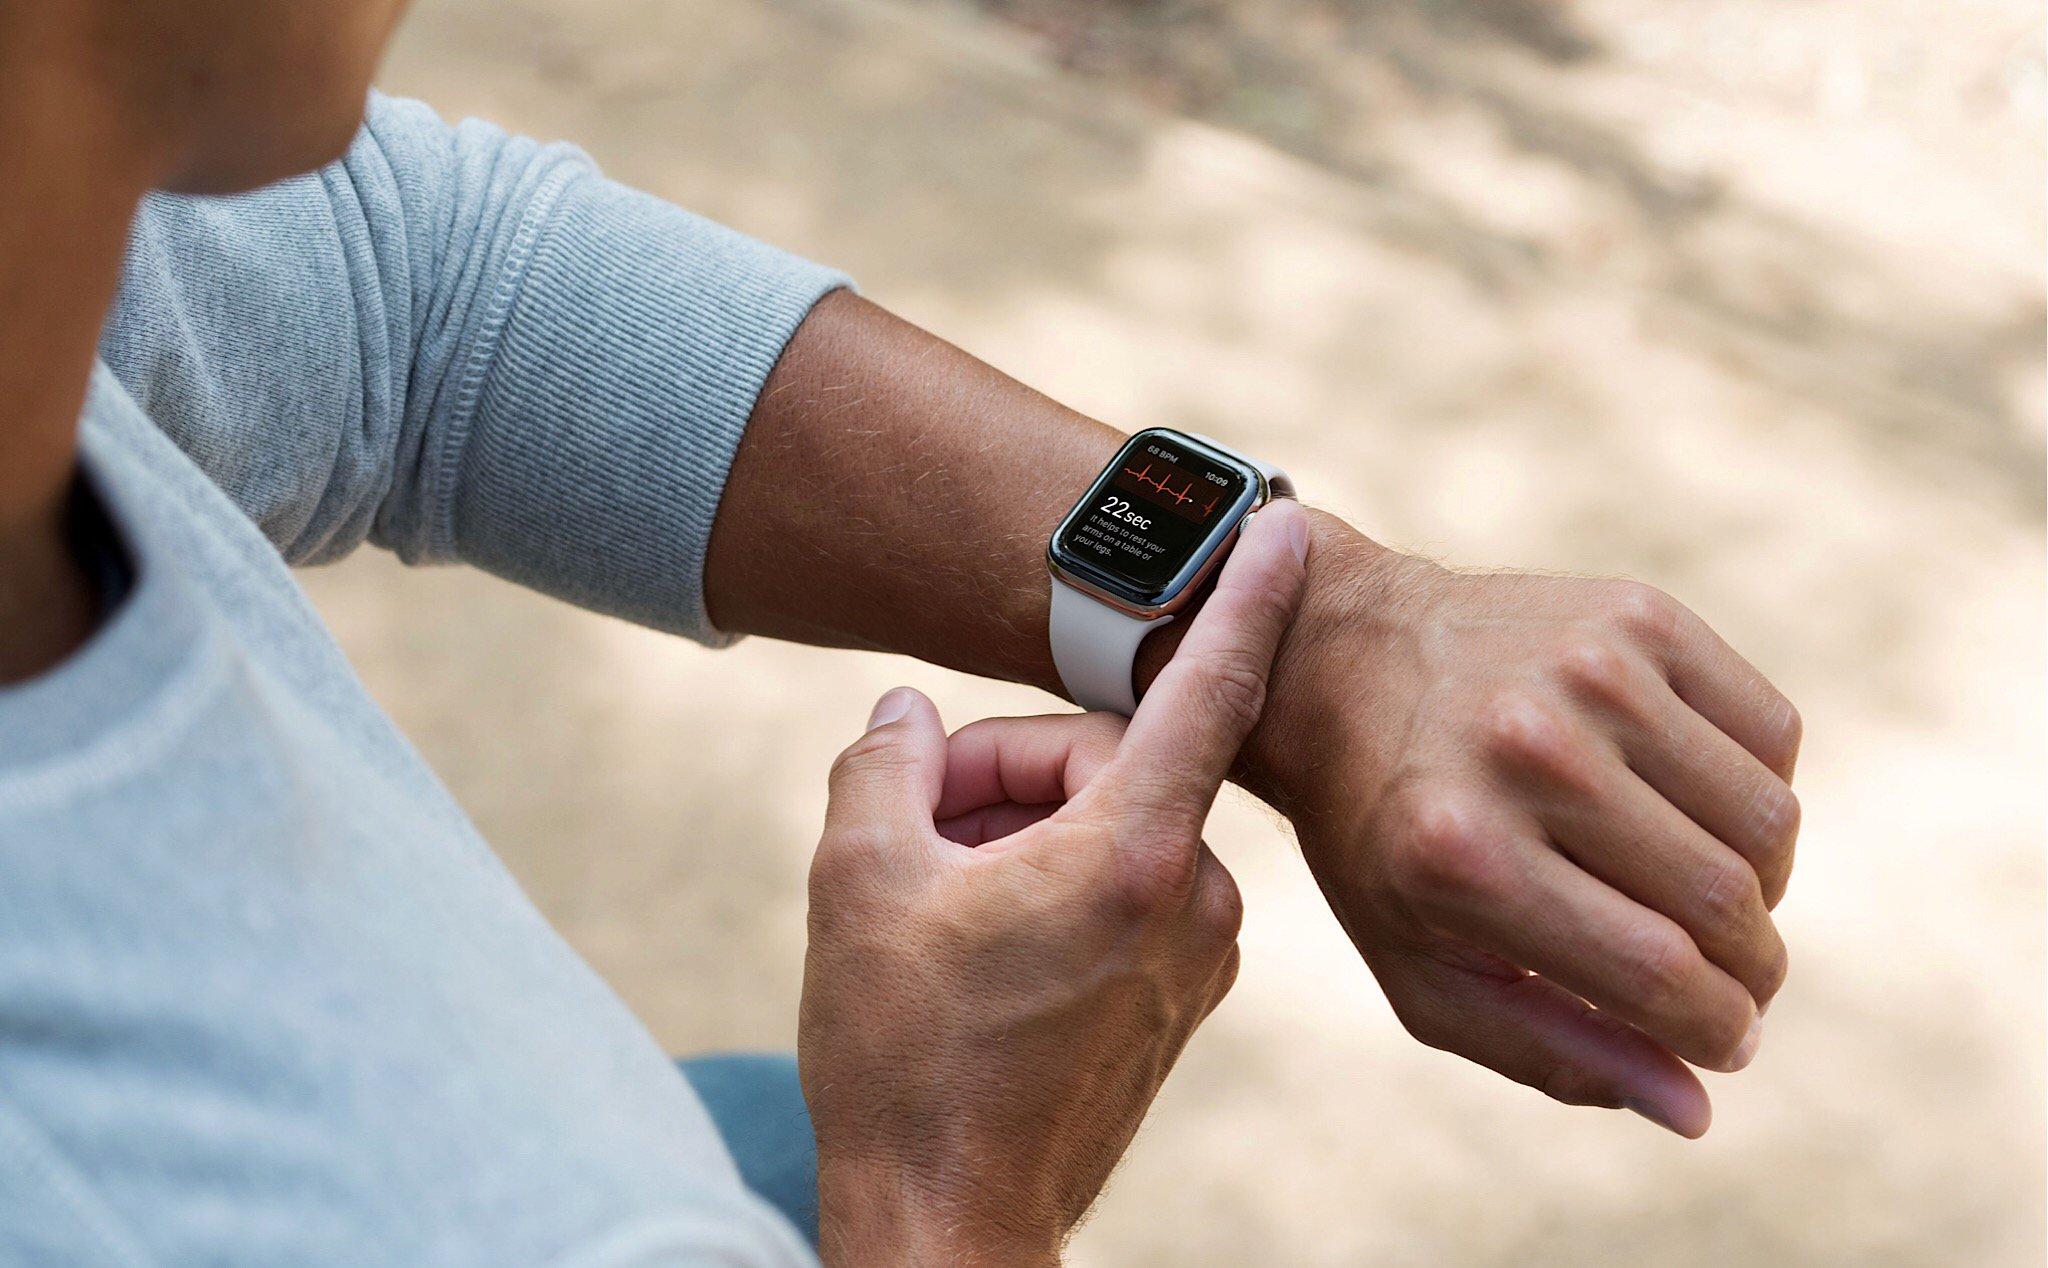 Tính năng đo điện tim trên Apple Watch 4 có thể sẽ xuất hiện trong watchOS  5.1.2 sắp tới | Tinh tế